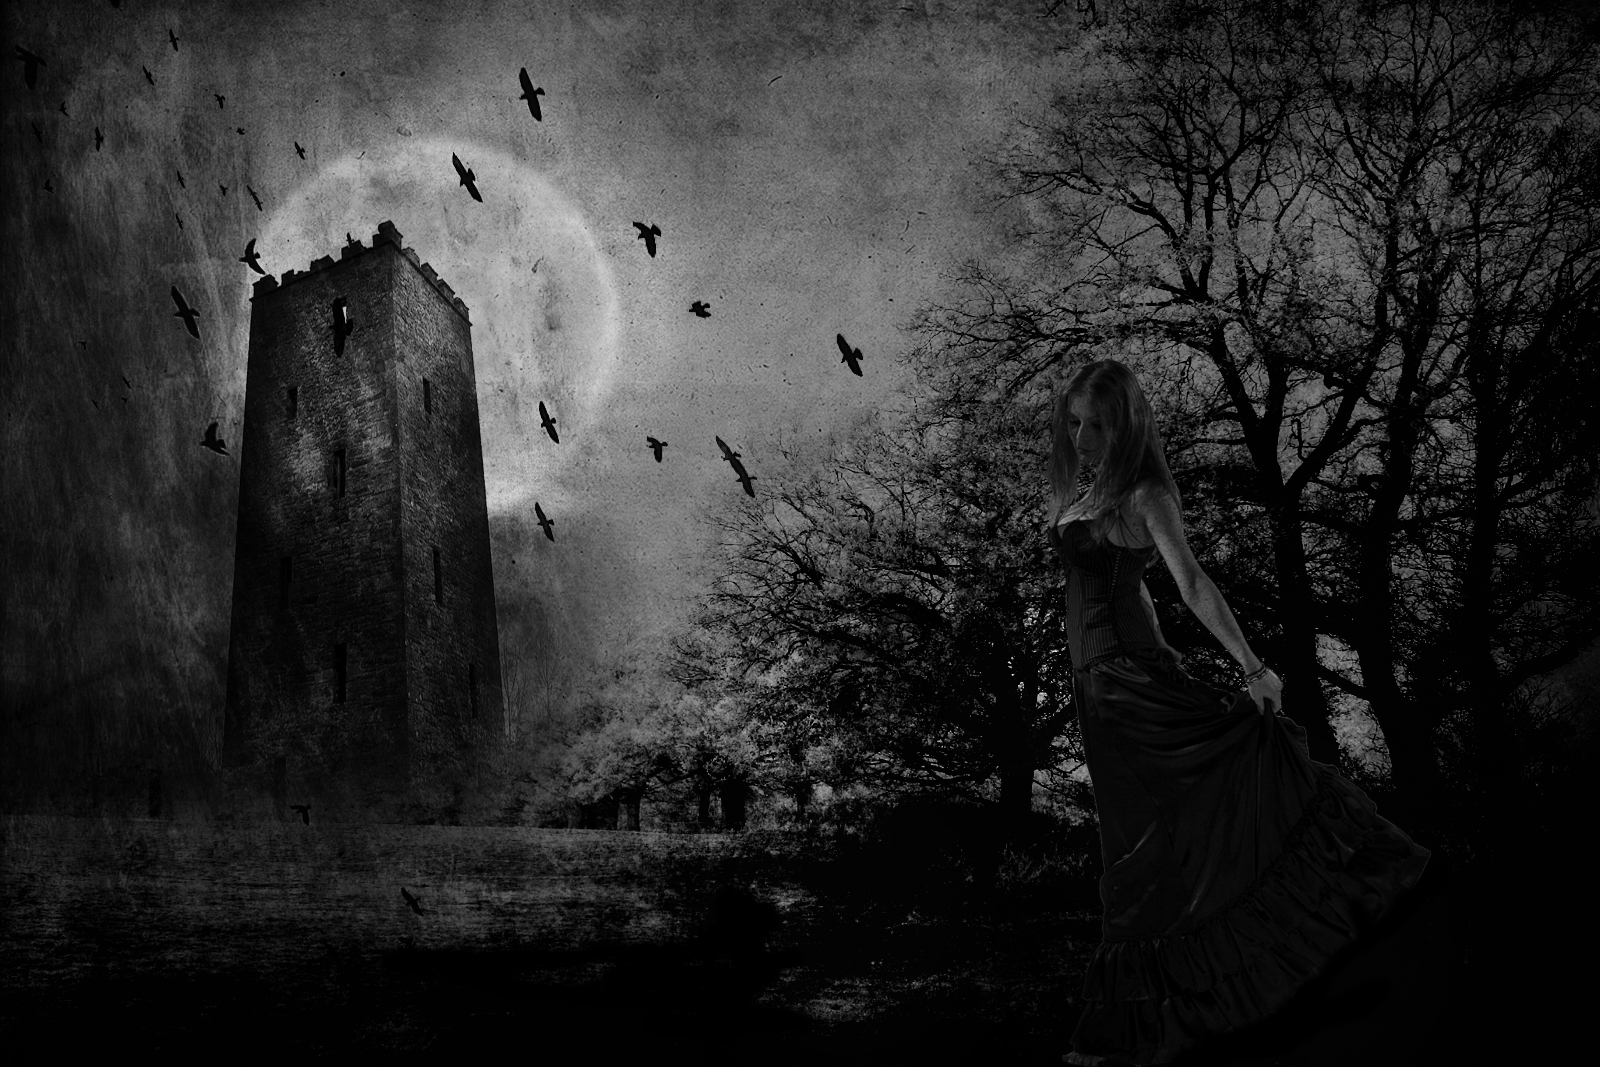 Dark Gothic Wallpaper 1920x1080px 784645 1600x1067